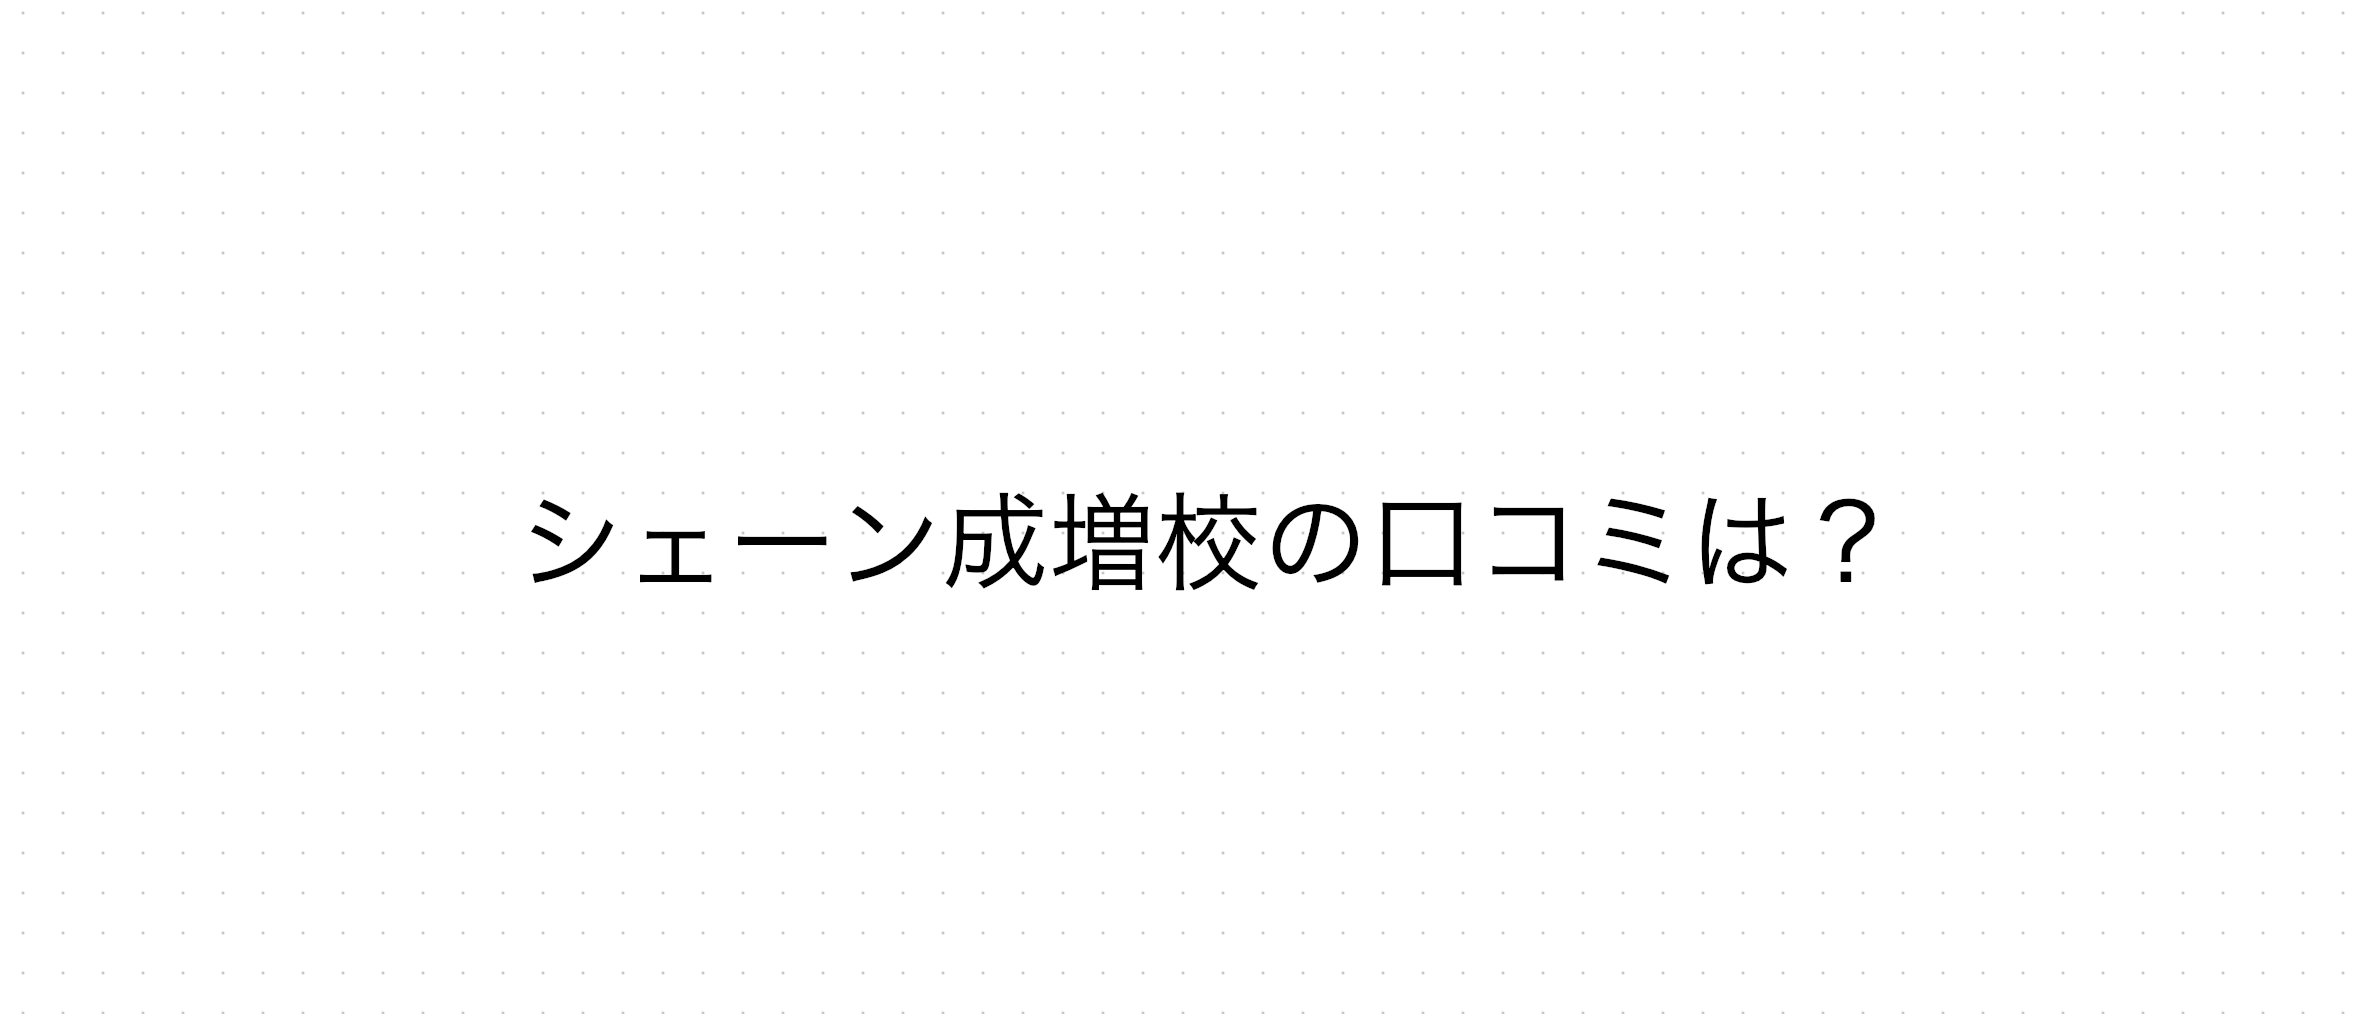 【効果あり?】シェーン英会話(成増校)の口コミや評判は?